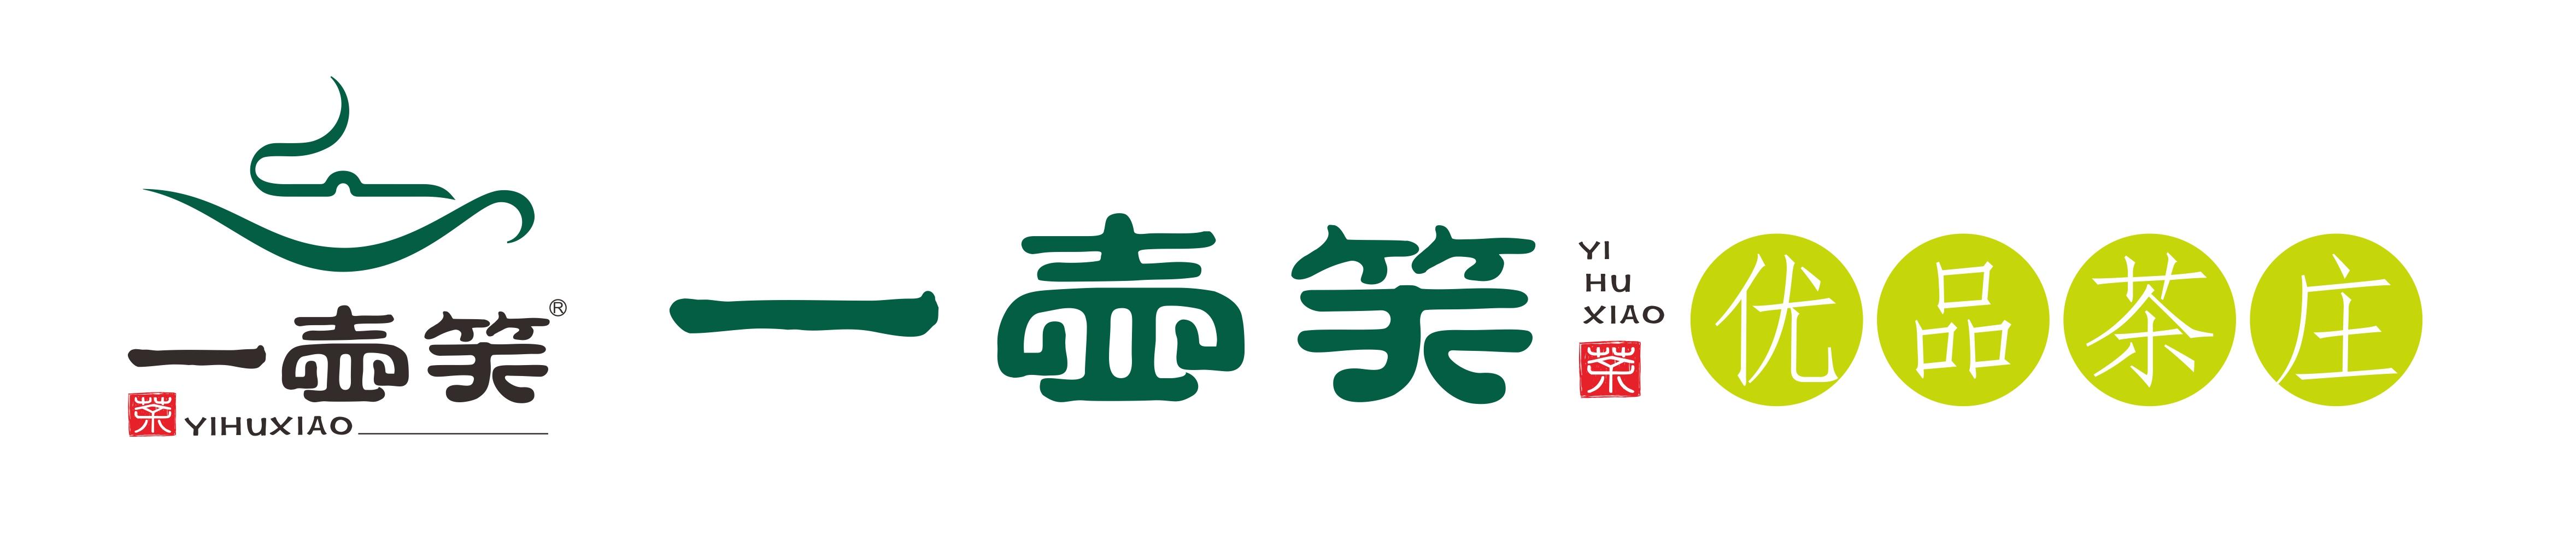 一壶笑茶庄(铁观音茶酒)